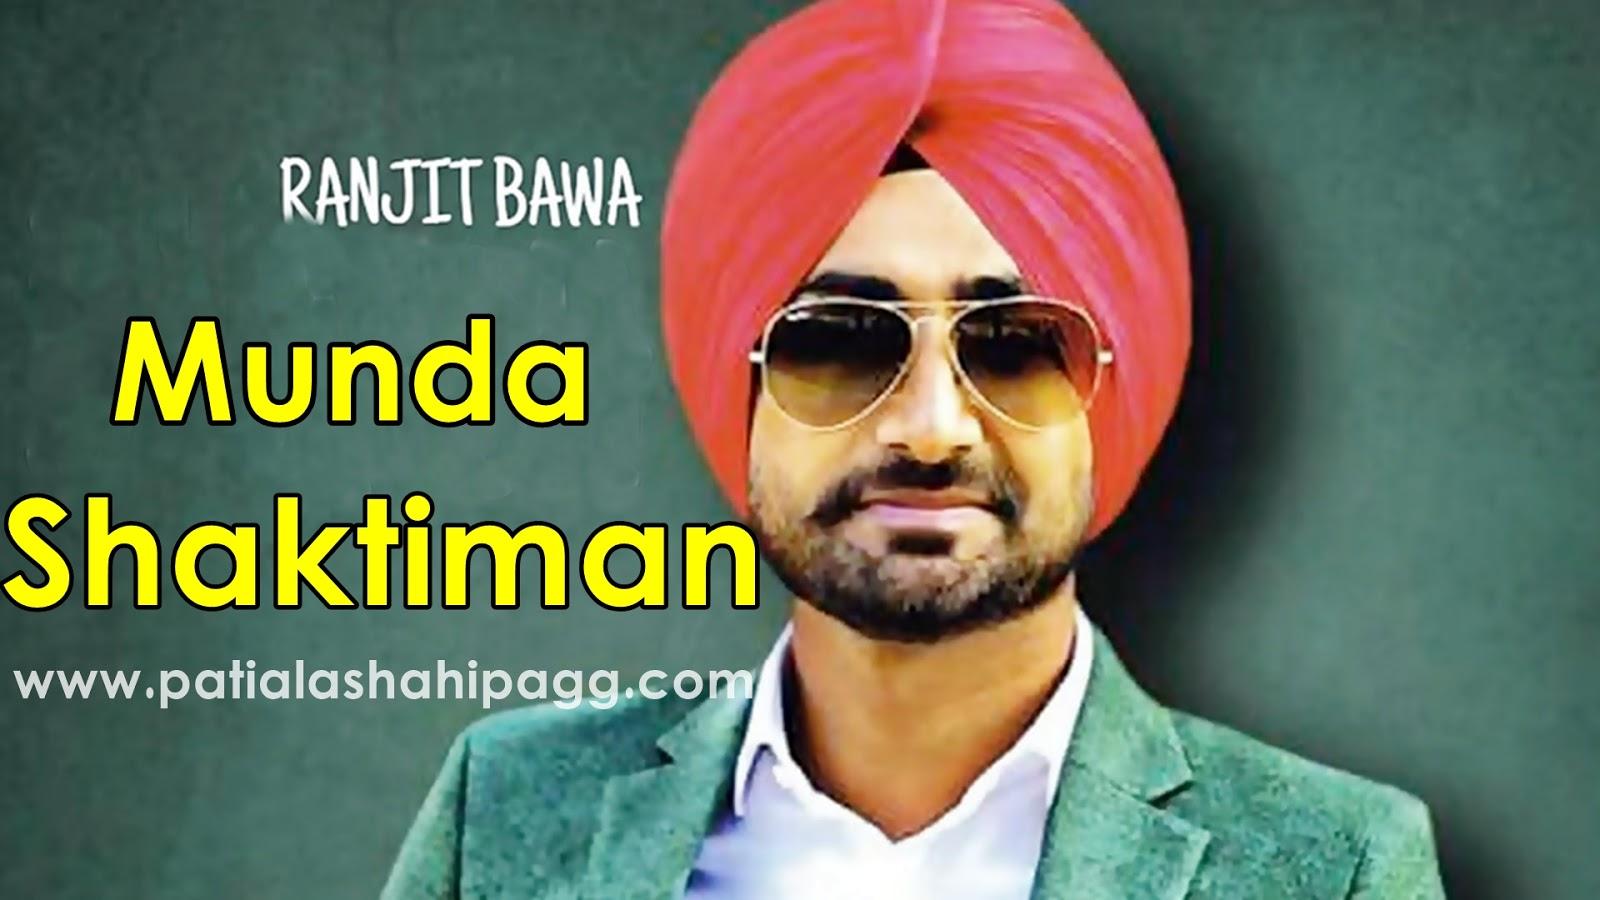 Ranjit Bawa New Song shaktimaan   Patiala Shahi Pagg Ranjit Bawa 1600x900